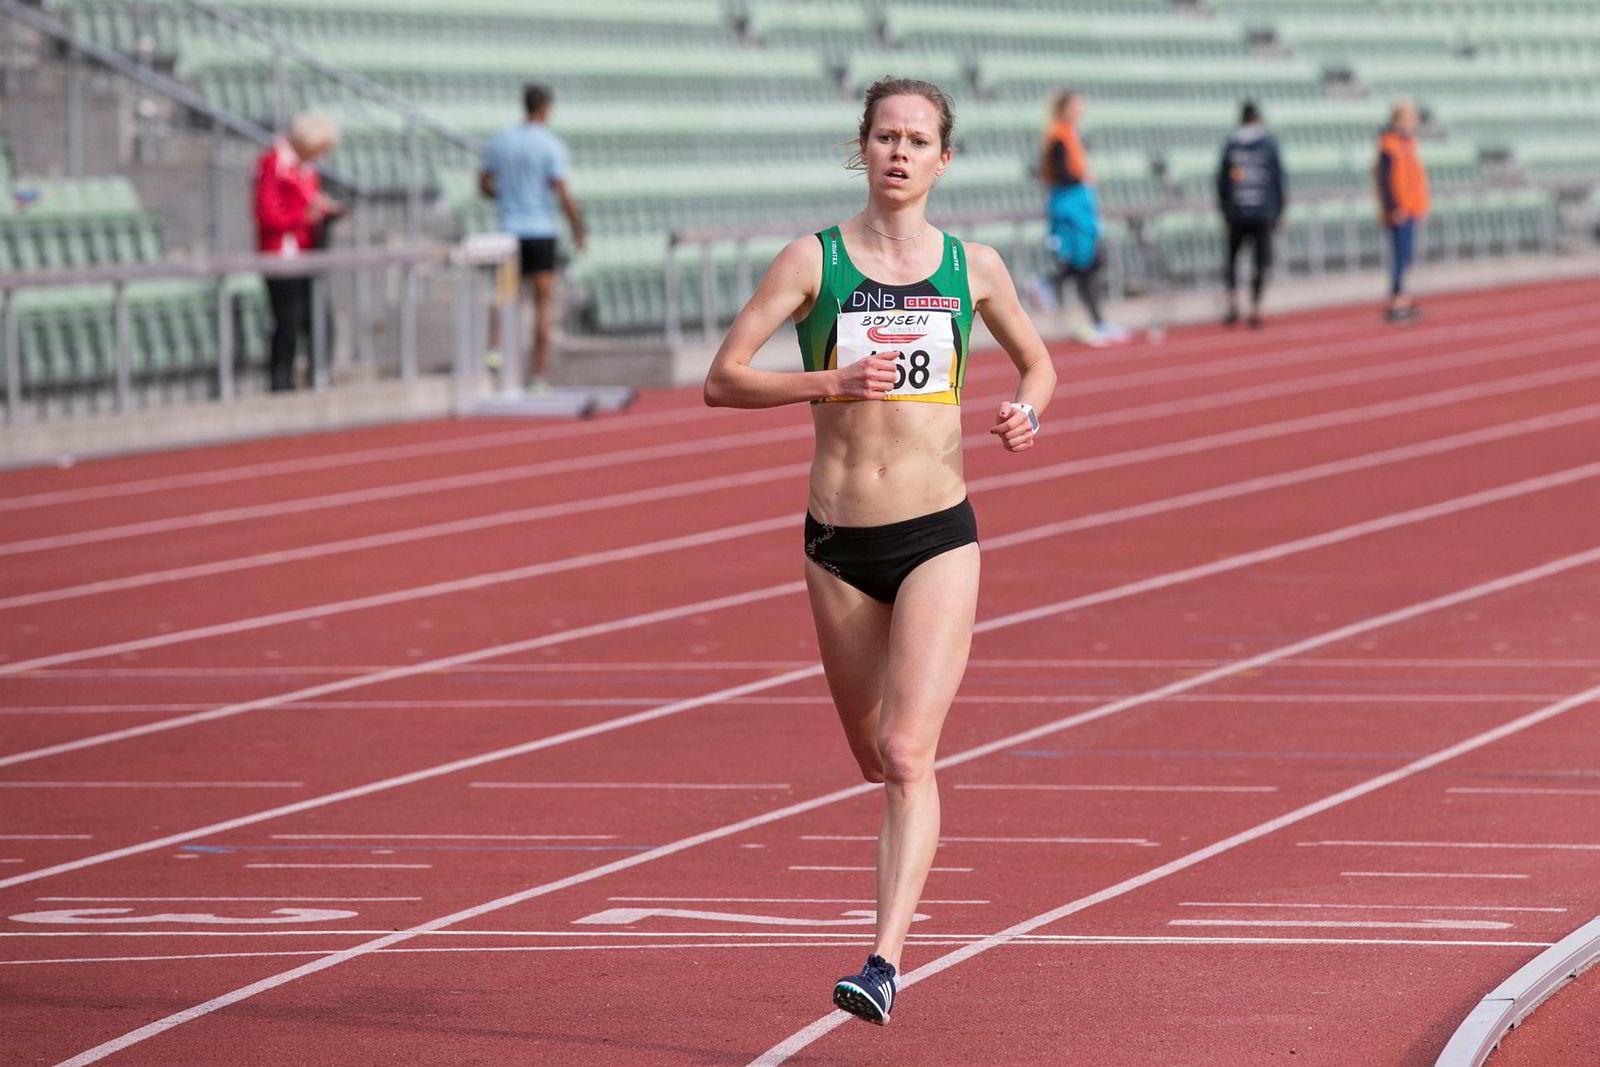 Silje Fjørtoft konkurrerer på bane, men tror trening i terreng gjør henne til en bedre løper. Her fra elitestevnet Boysen Memorial på Bislett stadion i Oslo i 2017 der Fjørtoft vant distansen 3000 meter.